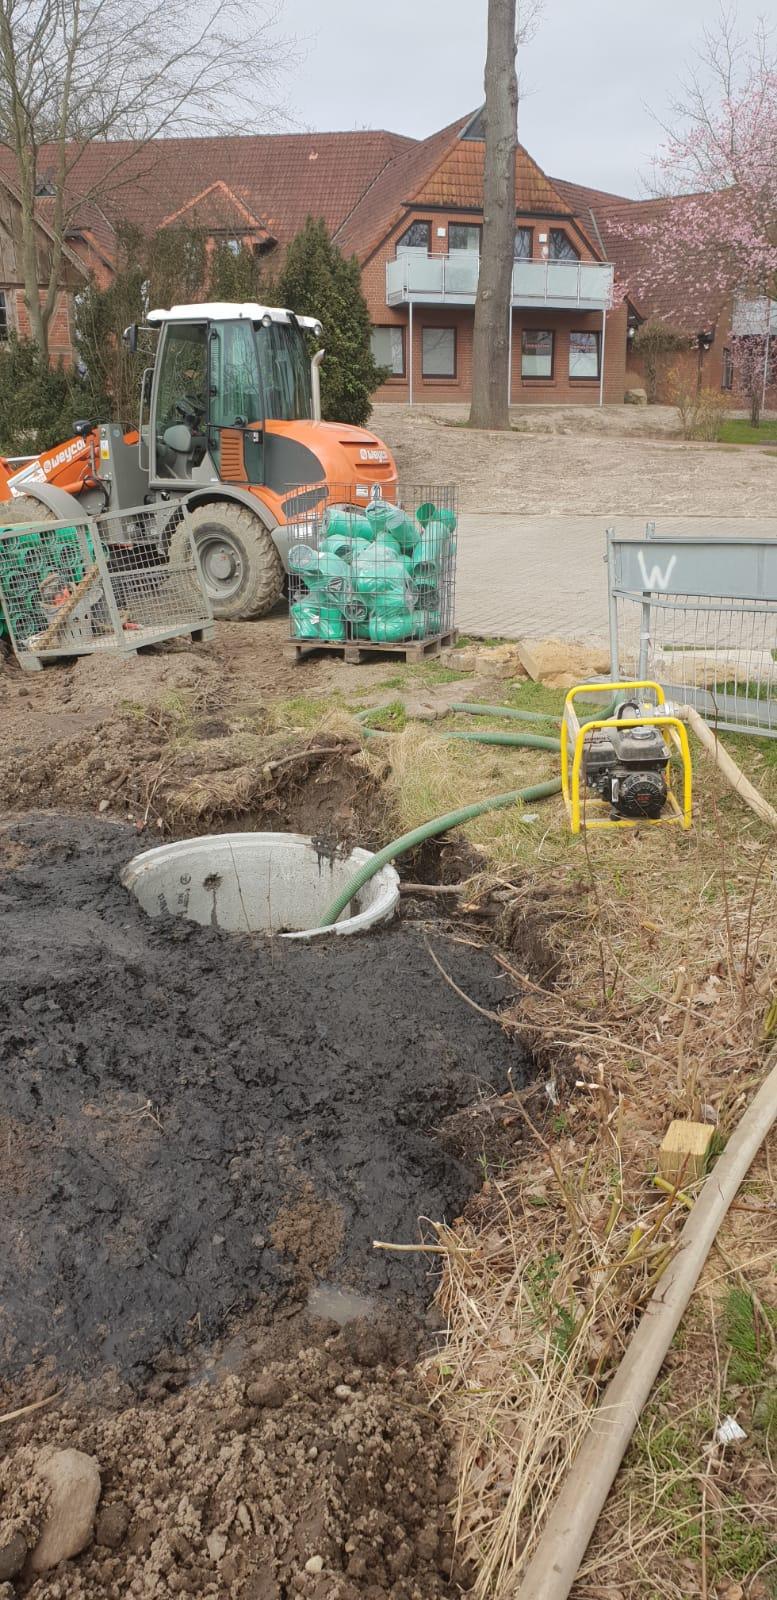 Ist die Trockenlegung des Teichs in Hollenstedt ein Verstoß gegen das nds. Wassergesetz?